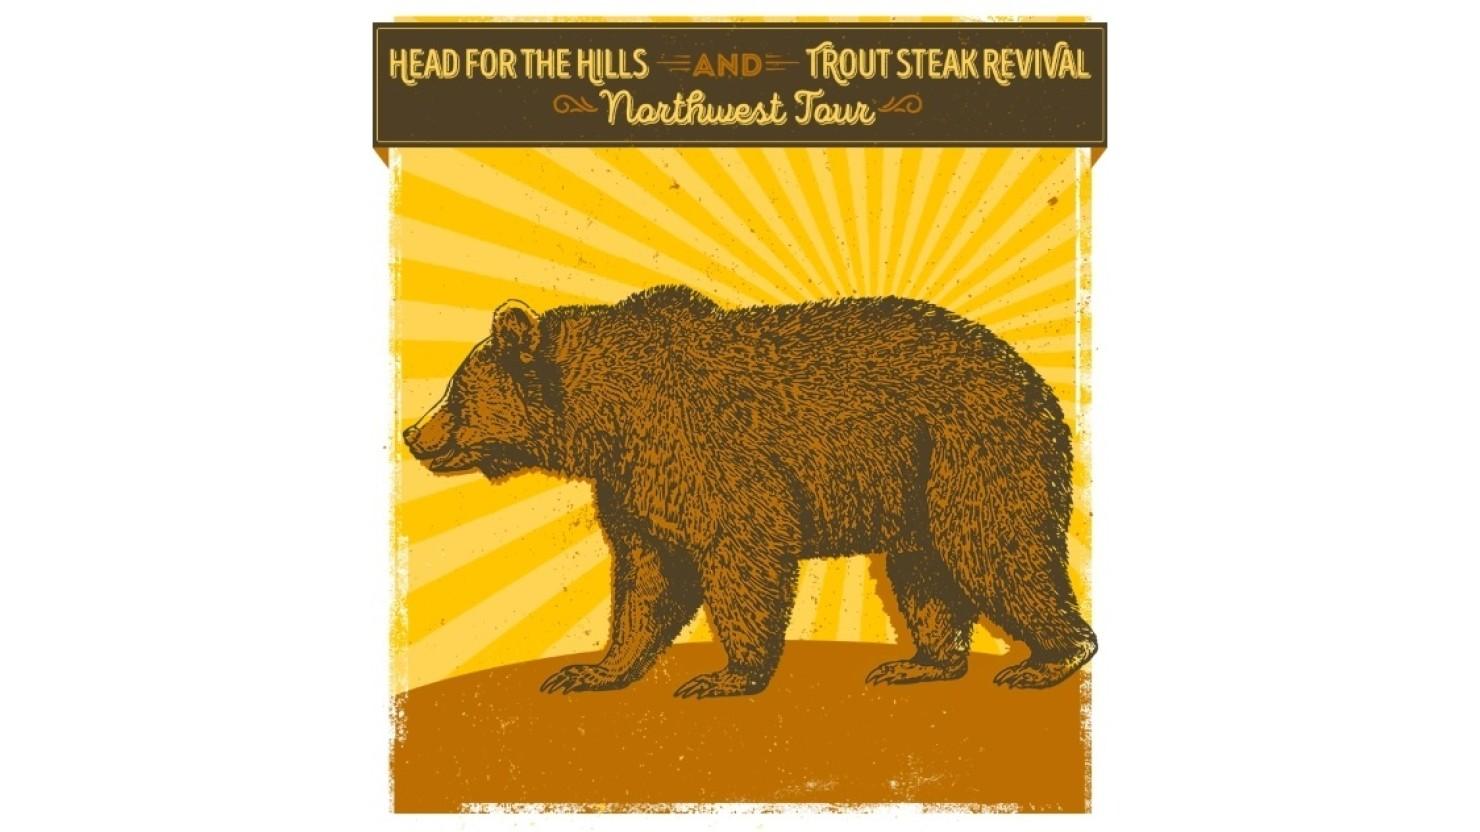 Trout Steak Revival Tour